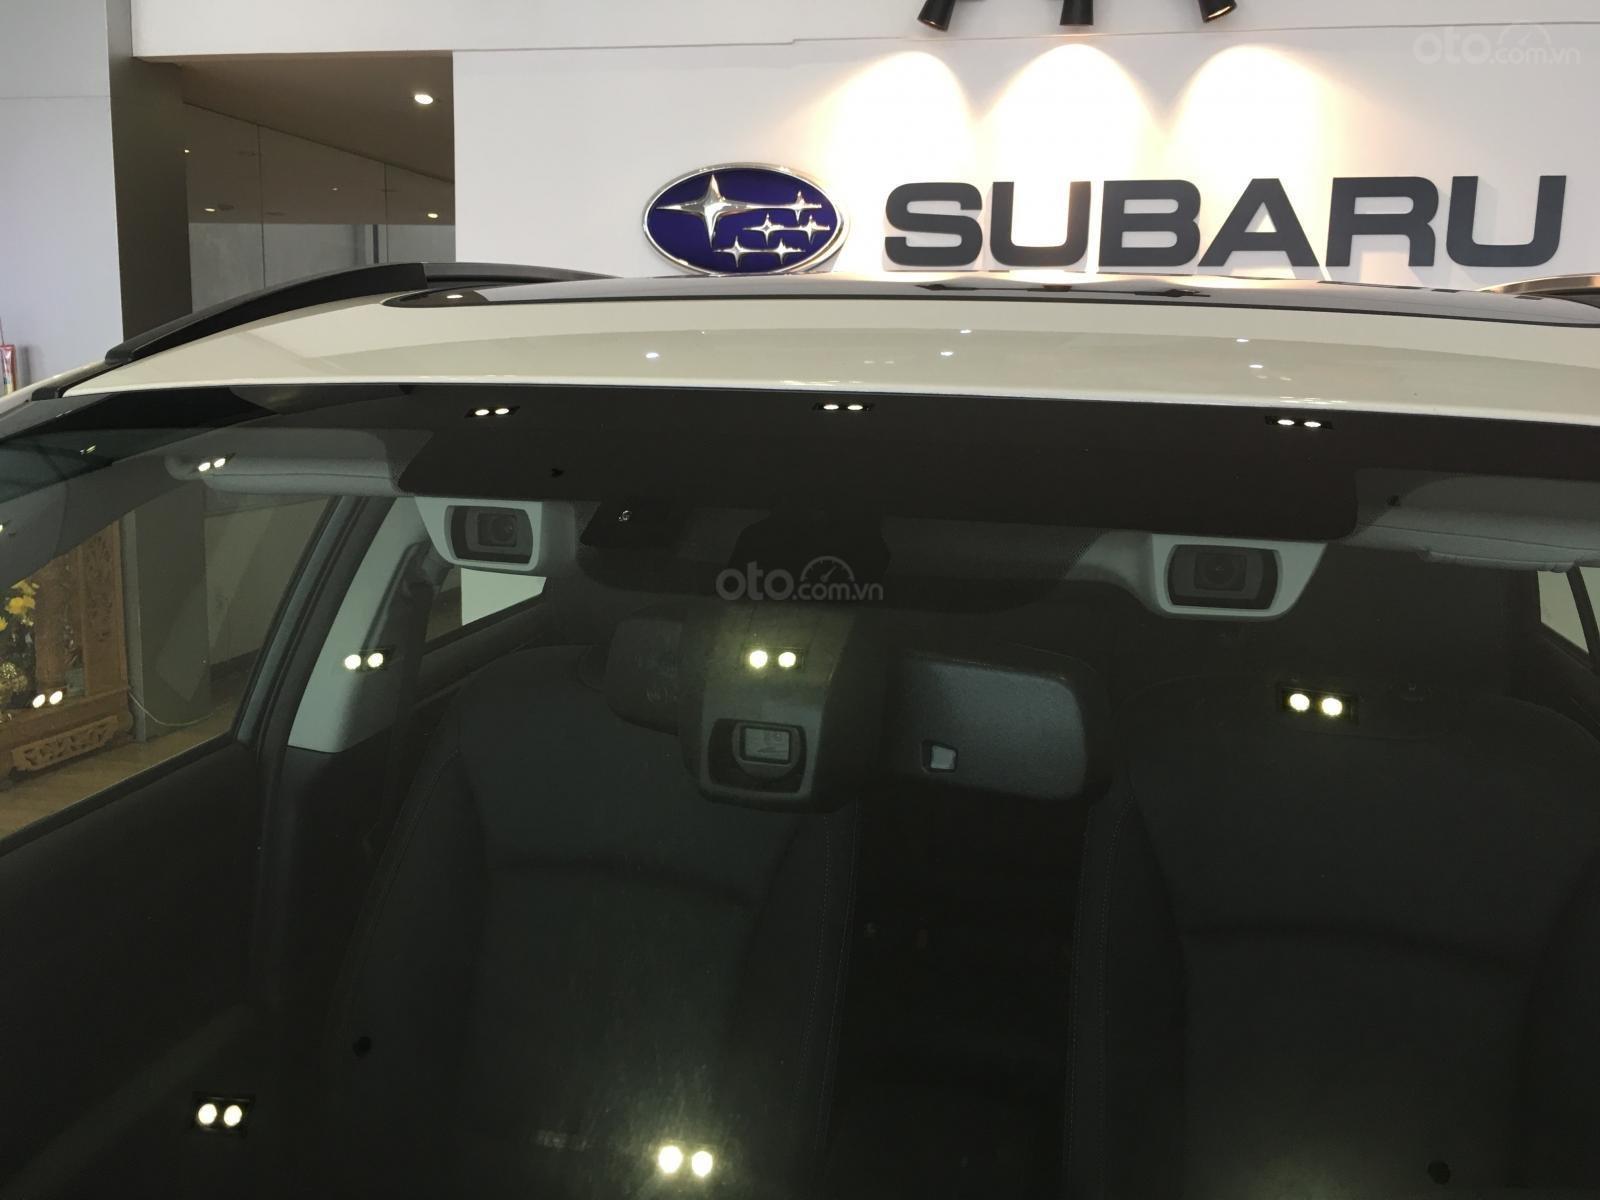 Bán Subaru Outback 2.5 EyeSight tại miền Trung, màu trắng, nhập khẩu nguyên chiếc từ Nhật Bản (7)